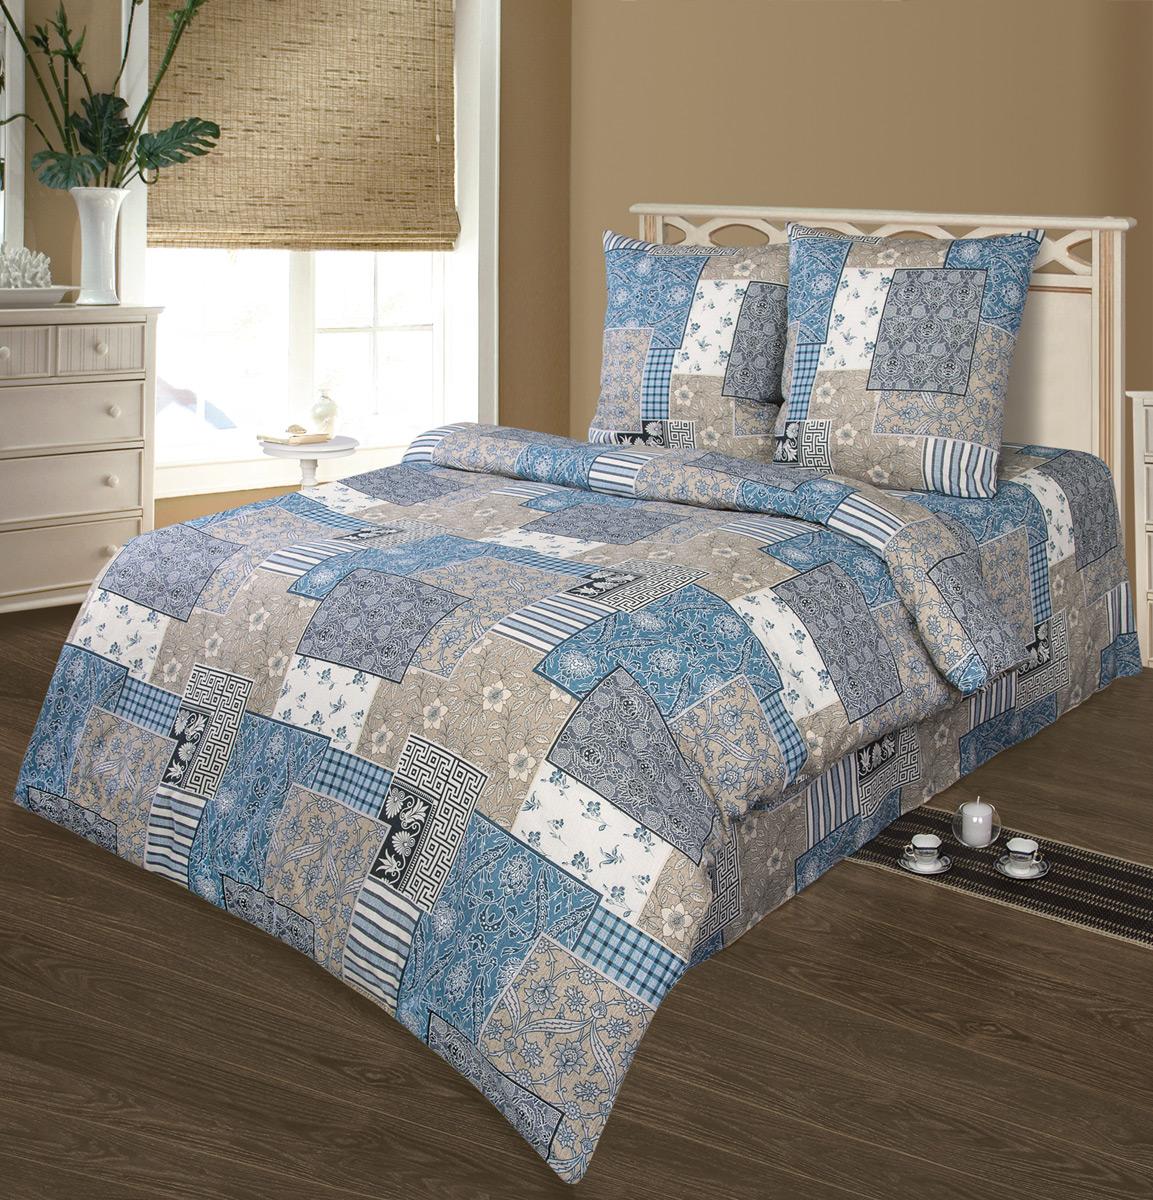 Комплект белья Шоколад Милана, 2-спальный, наволочки 70x70. Б104Б104Комплект постельного белья Шоколад Милана является экологически безопасным для всей семьи, так как выполнен из натурального хлопка. Комплект состоит из пододеяльника, простыни и двух наволочек. Постельное белье оформлено оригинальным рисунком и имеет изысканный внешний вид.Бязь - это ткань полотняного переплетения, изготовленная из экологически чистого и натурального 100% хлопка. Она прочная, мягкая, обладает низкой сминаемостью, легко стирается и хорошо гладится. Бязь прекрасно пропускает воздух и за ней легко ухаживать. При соблюдении рекомендуемых условий стирки, сушки и глажения ткань имеет усадку по ГОСТу, сохранятся яркость текстильных рисунков. Приобретая комплект постельного белья Шоколад Милана, вы можете быть уверены в том, что покупка доставит вам и вашим близким удовольствие иподарит максимальный комфорт.